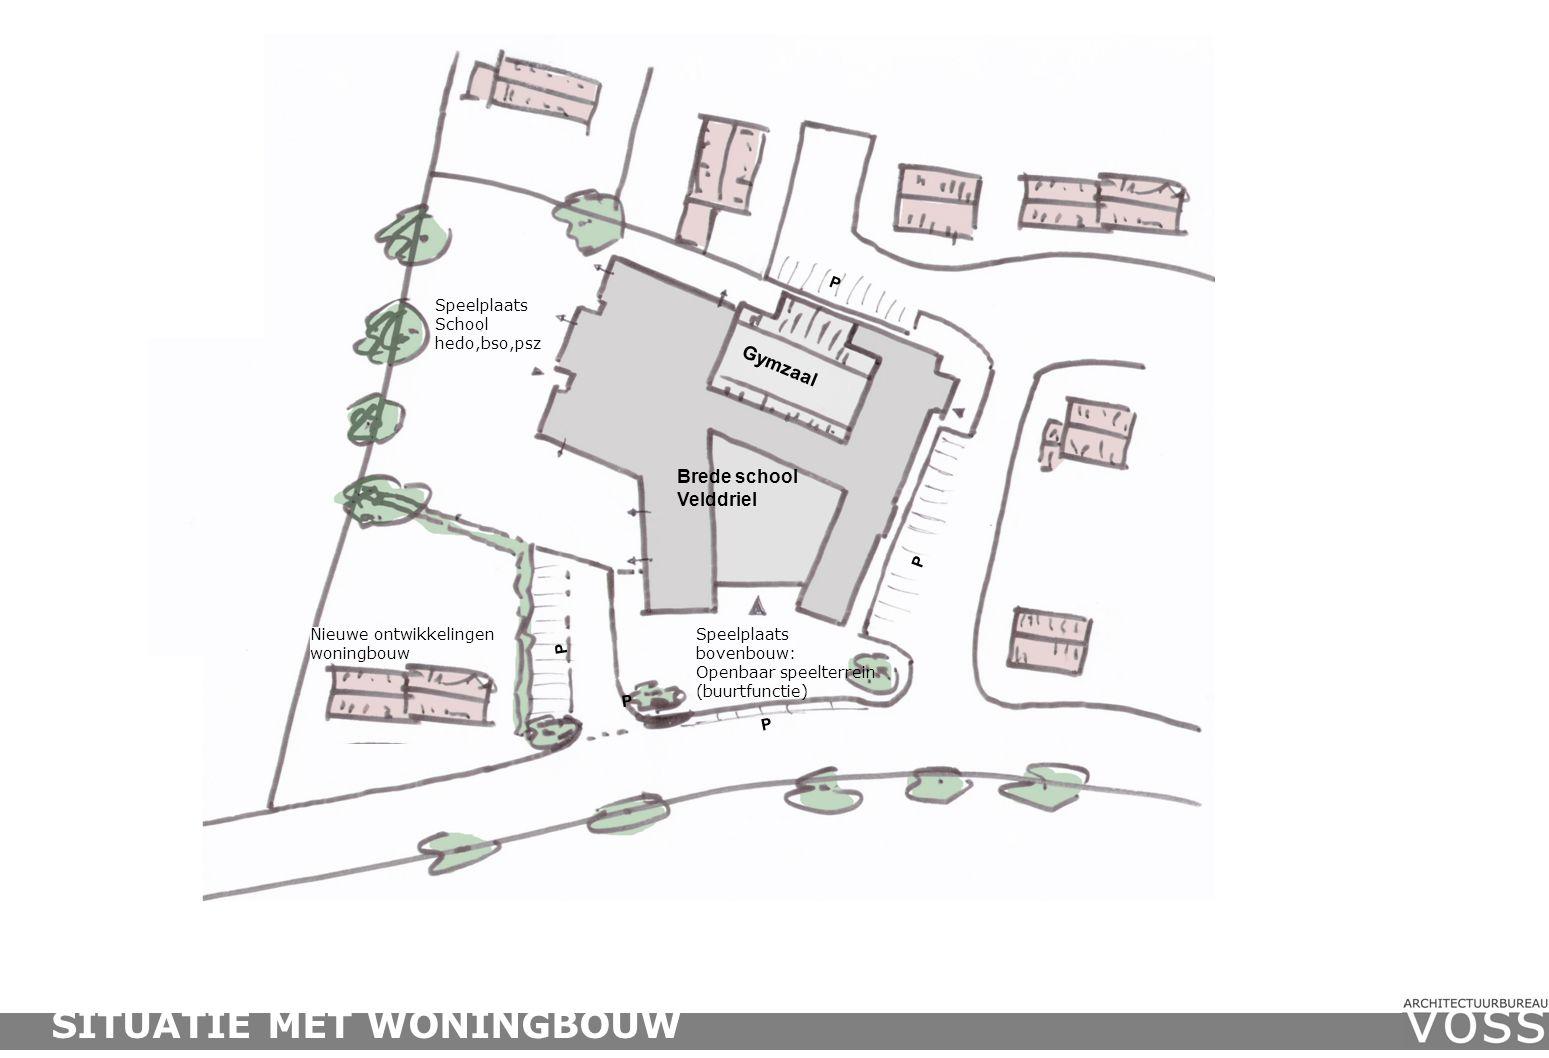 Speelplaats School hedo,bso,psz Nieuwe ontwikkelingen woningbouw Speelplaats bovenbouw: Openbaar speelterrein (buurtfunctie) Brede school Velddriel P Gymzaal P P P P SITUATIE MET WONINGBOUW